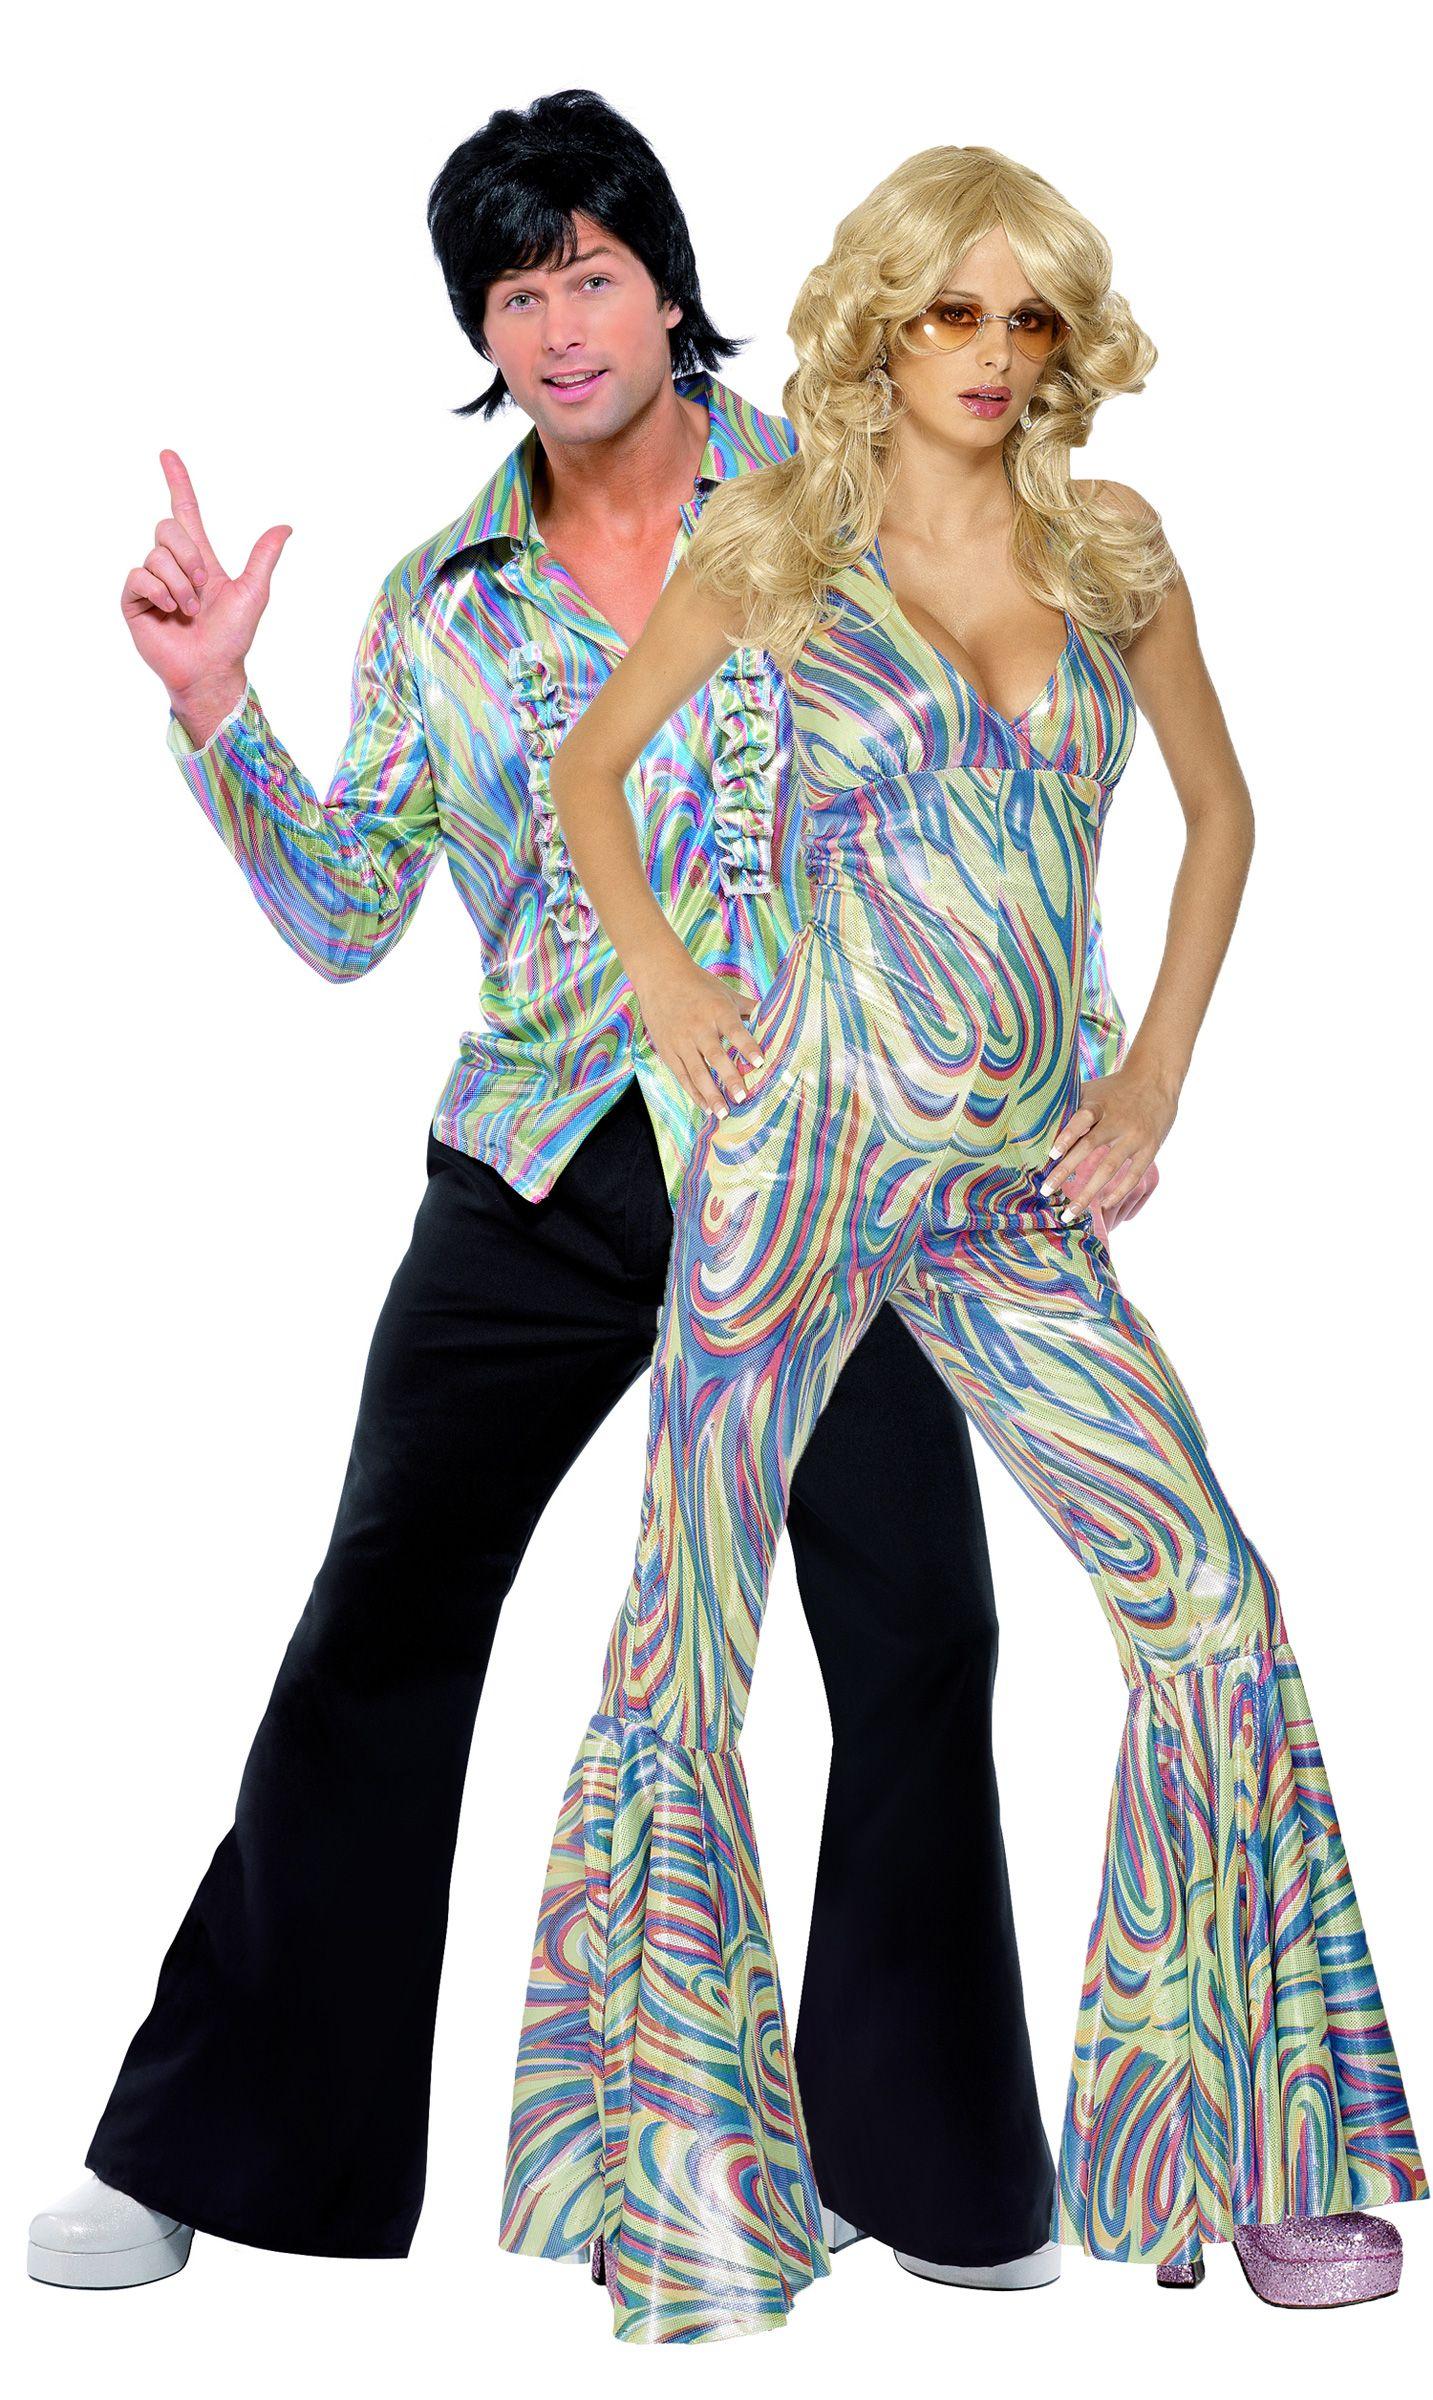 70er jahre disco paarkost m bunt schlagerparty pinterest 70 jahre karneval und europa. Black Bedroom Furniture Sets. Home Design Ideas